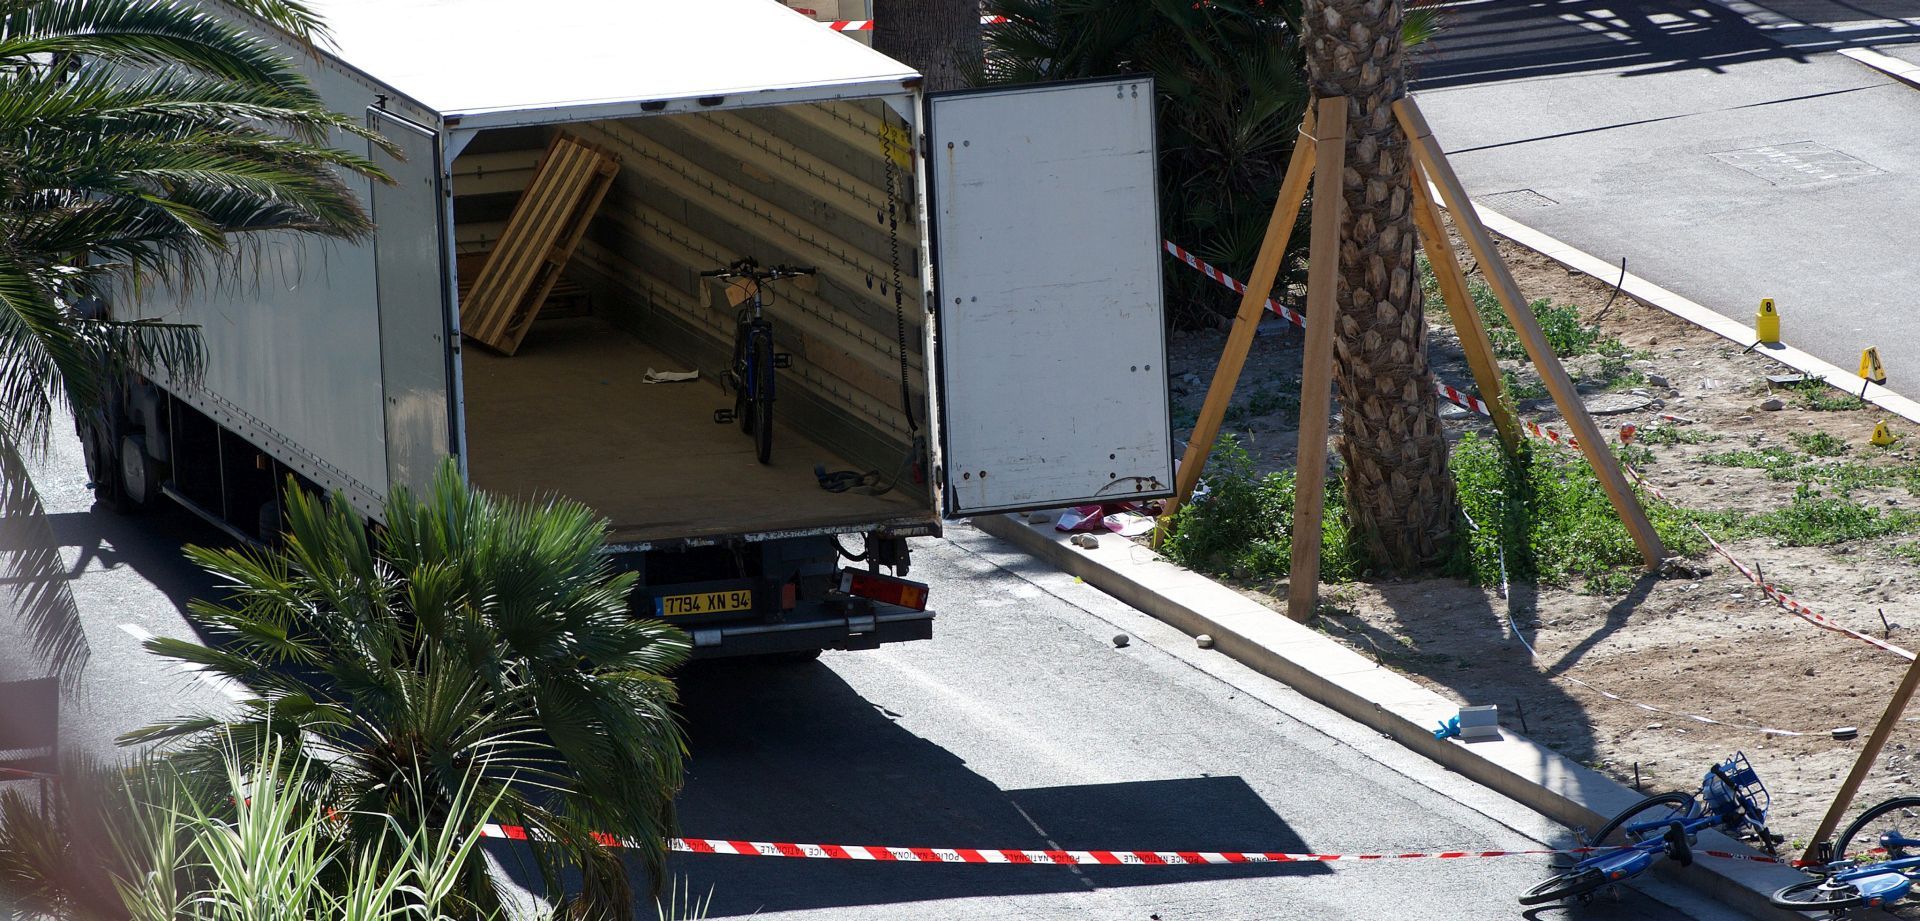 OŽENJEN I OTAC TROJE DJECE Napadač iz Nice porijeklom iz tuniškoga grada Msakena